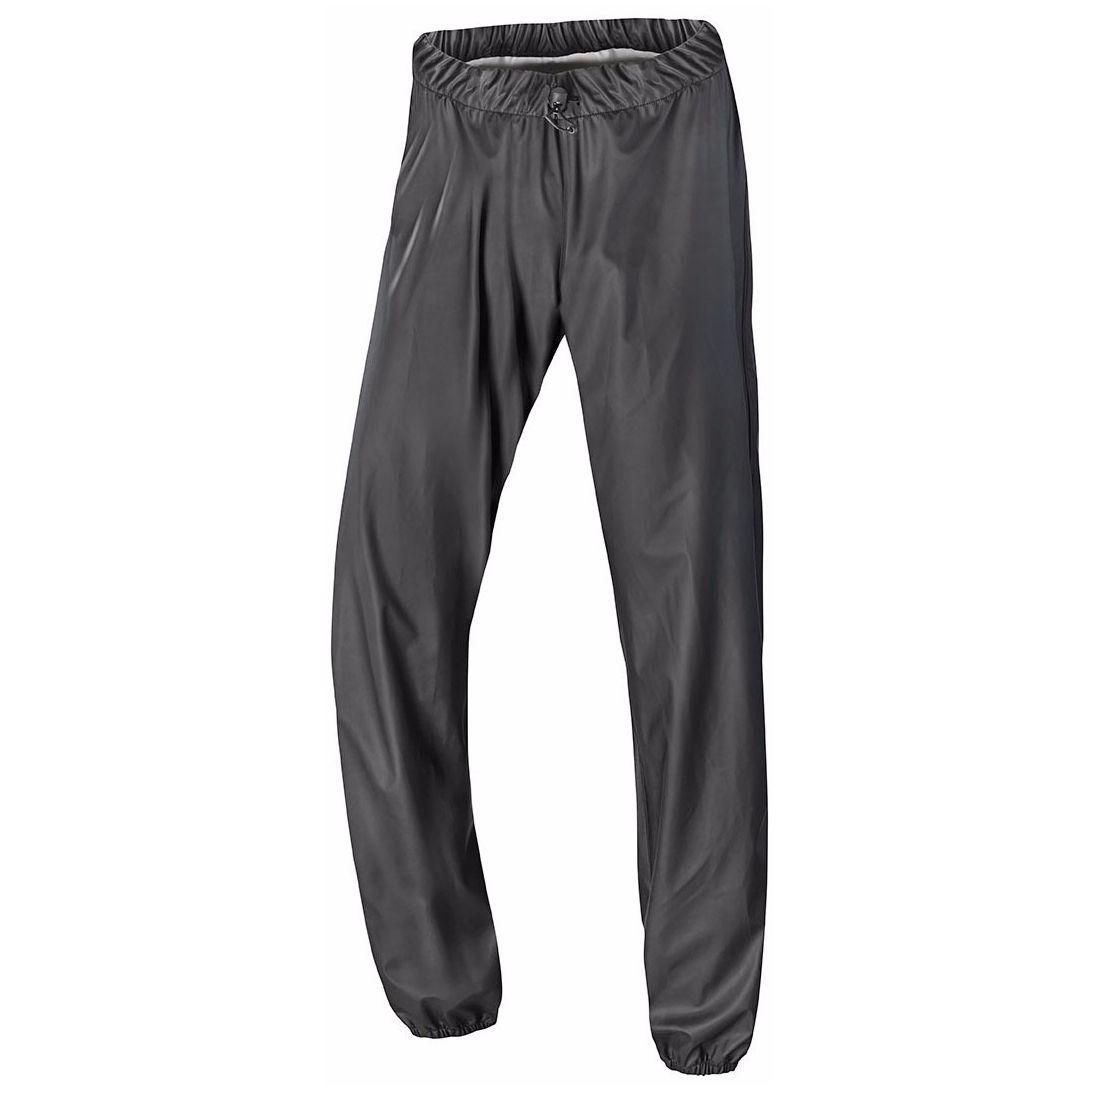 Pantalon De Pluie Ixs Croix